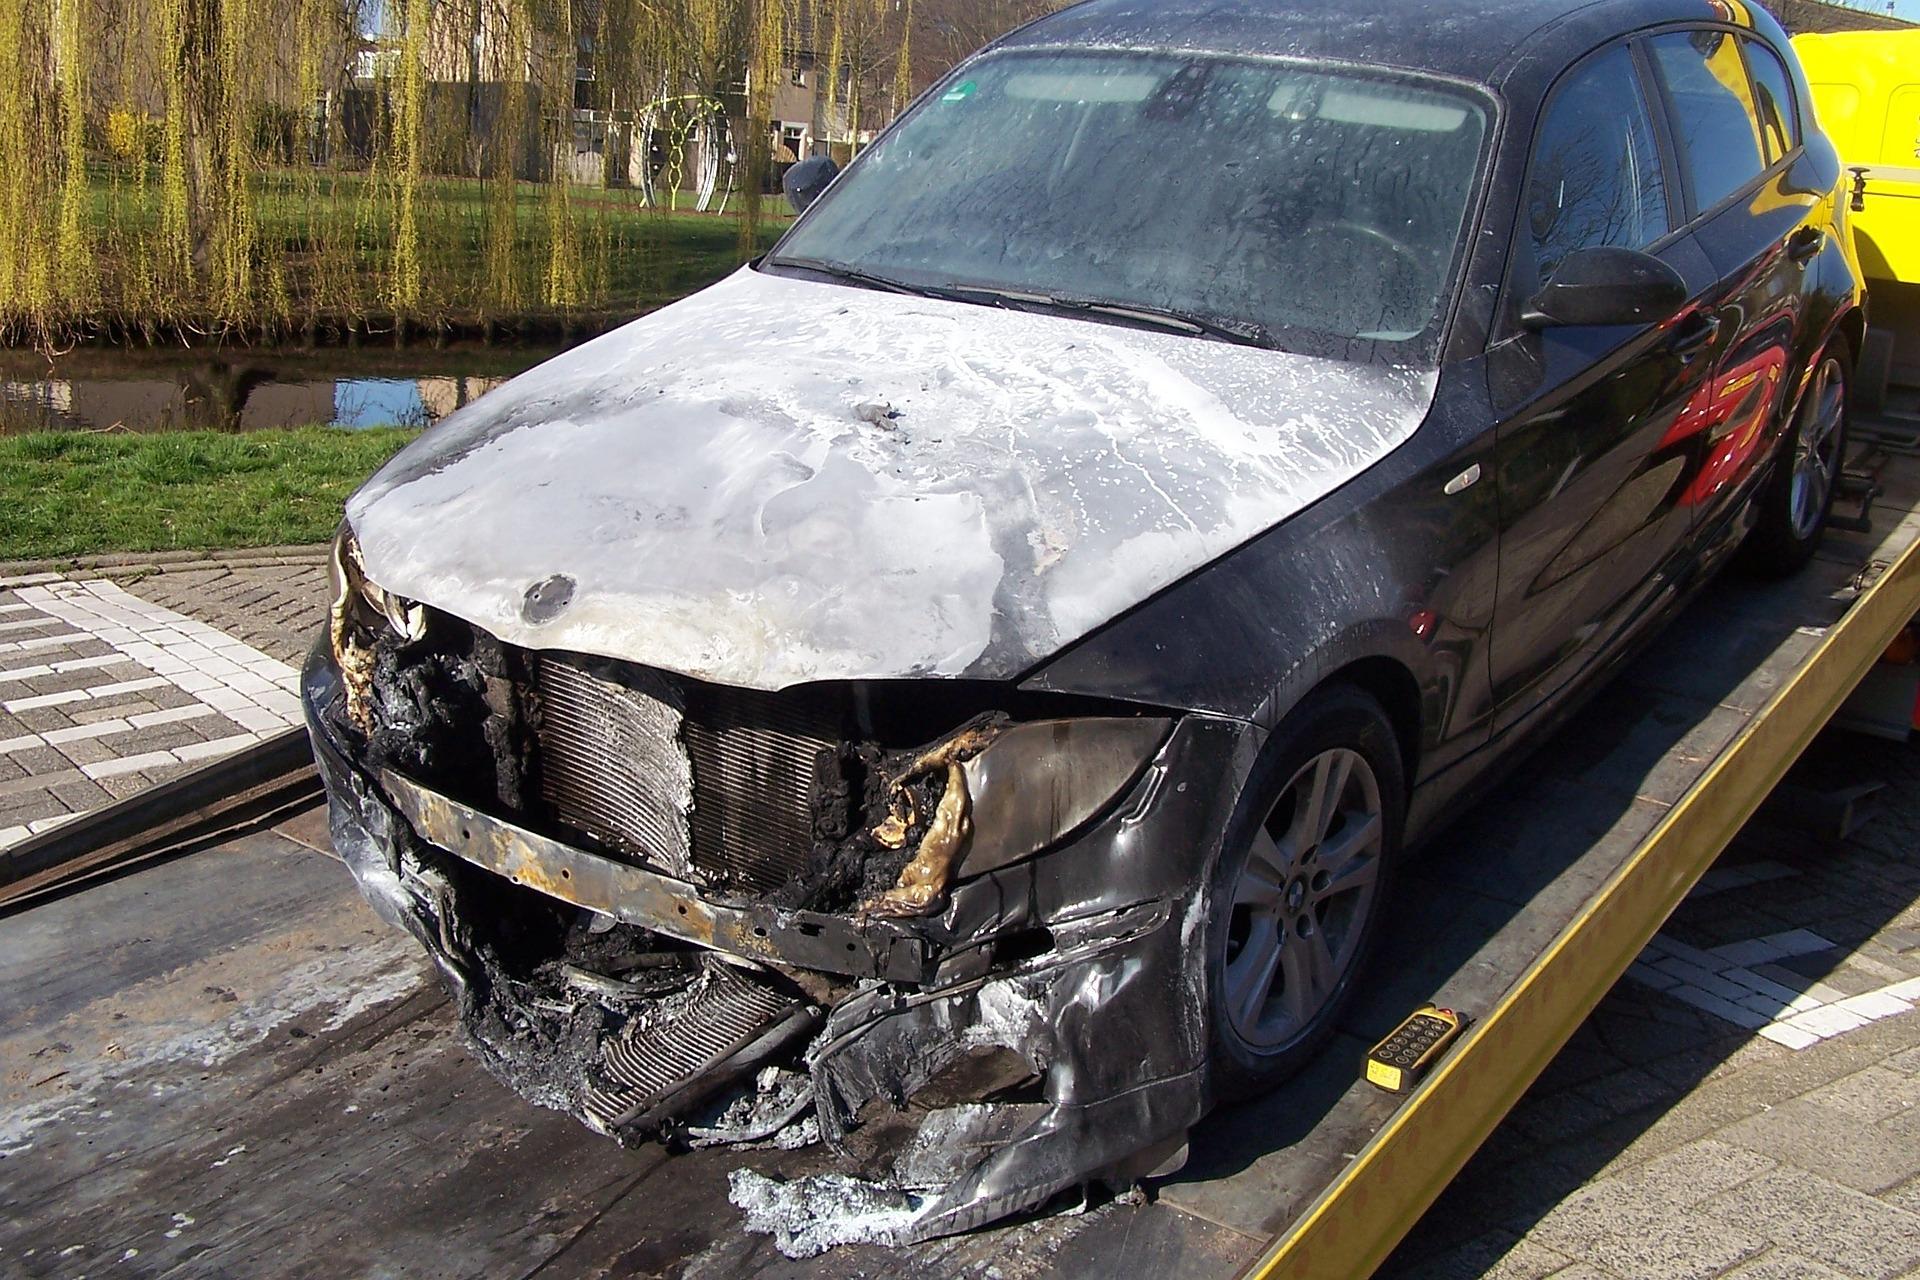 Samochód po wypadku samochodowym